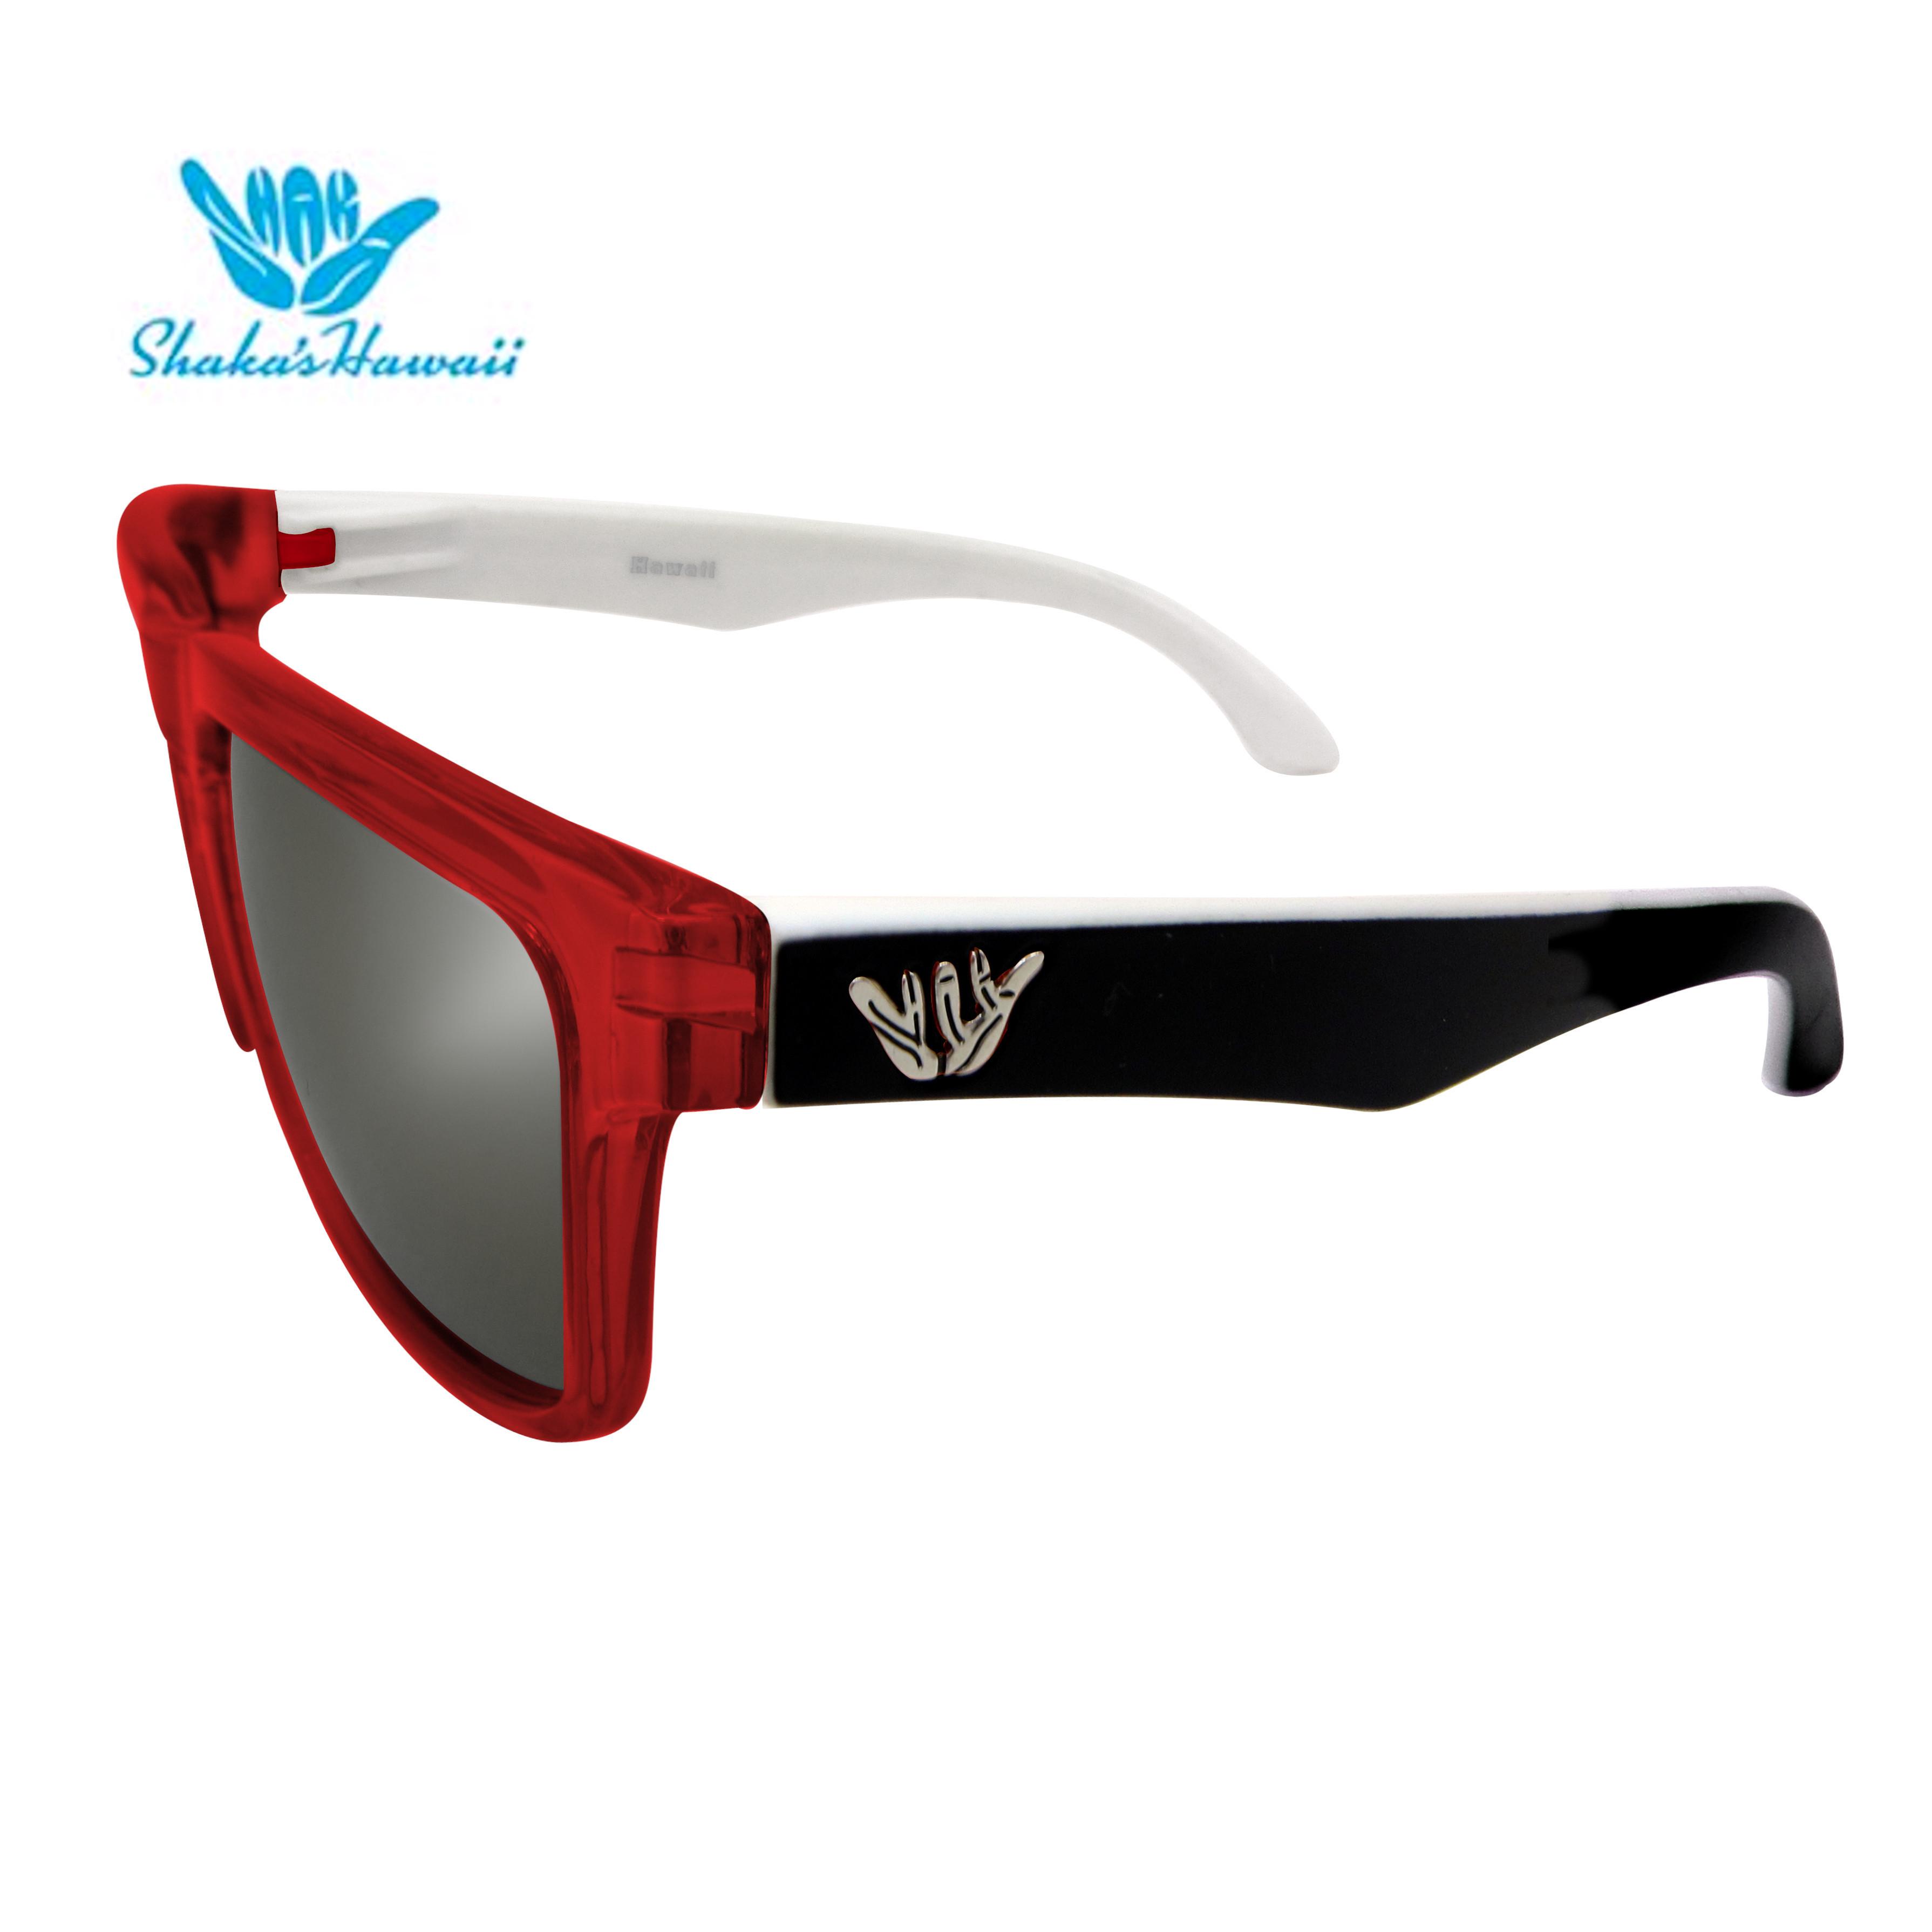 Bruno(ブルーノ)クリアレッド(レンズシルバー、つるブラック×ホワイト)Shaka's Hawaii Sunglasses(シャカサングラス)